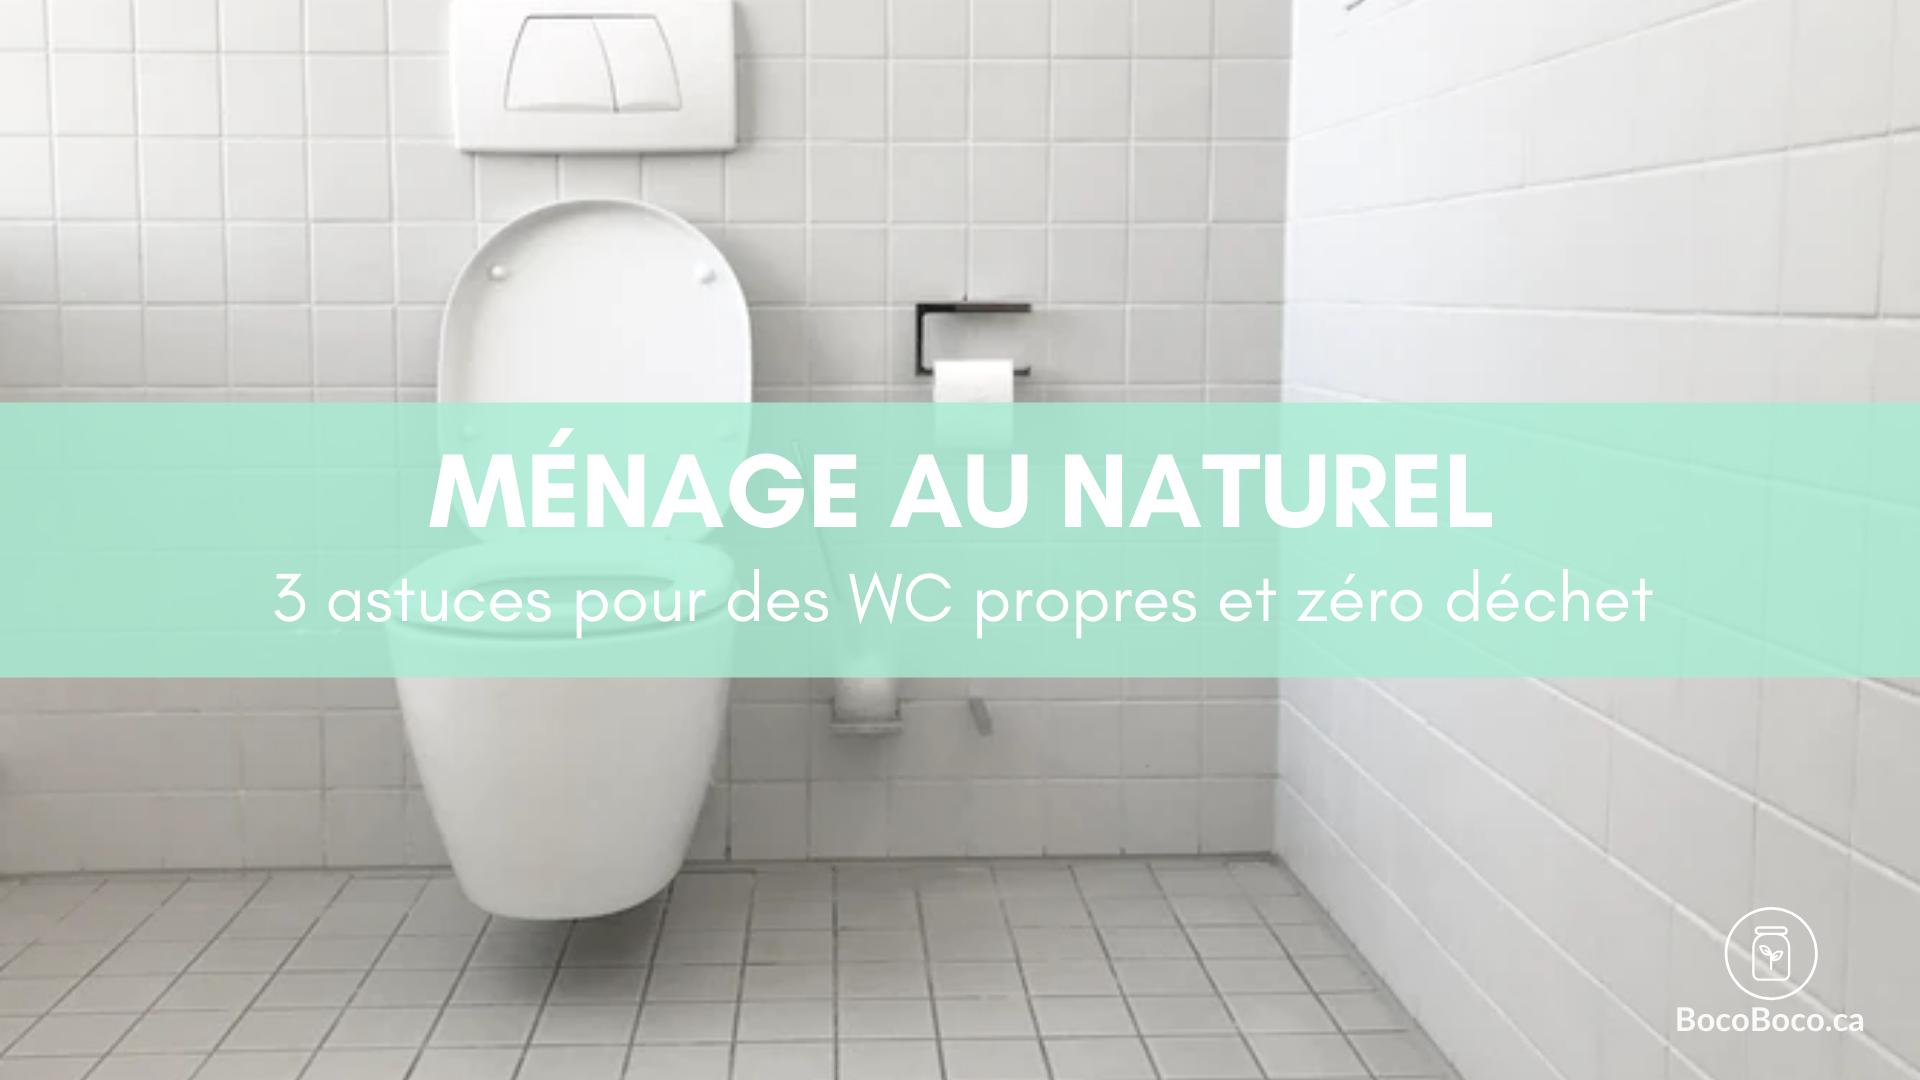 3 astuces pour des WC propres et zéro déchet